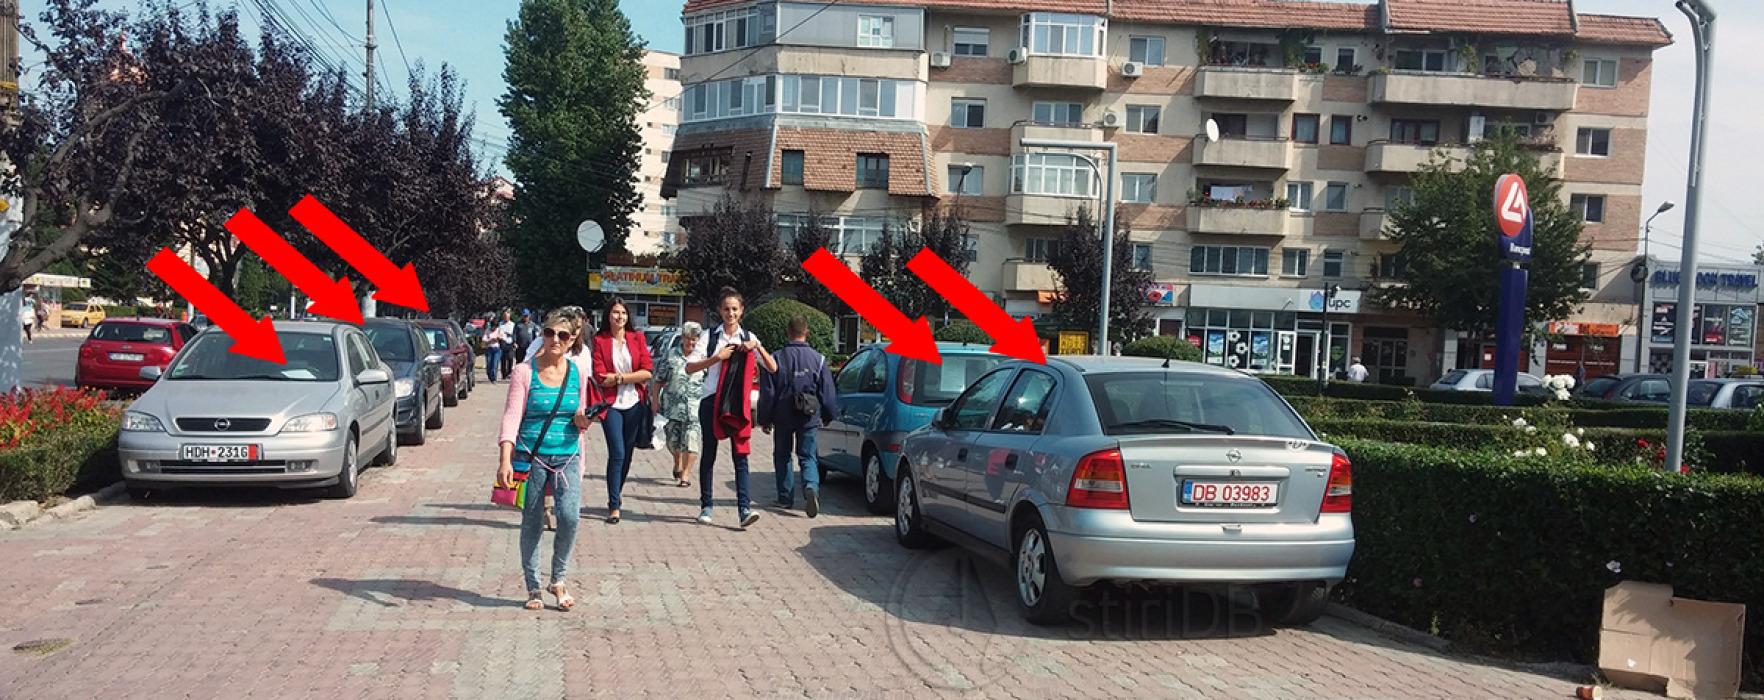 Târg ilegal de maşini în centrul Târgoviştei, pe trotuar, la intrarea pe Bulevardul Carol I